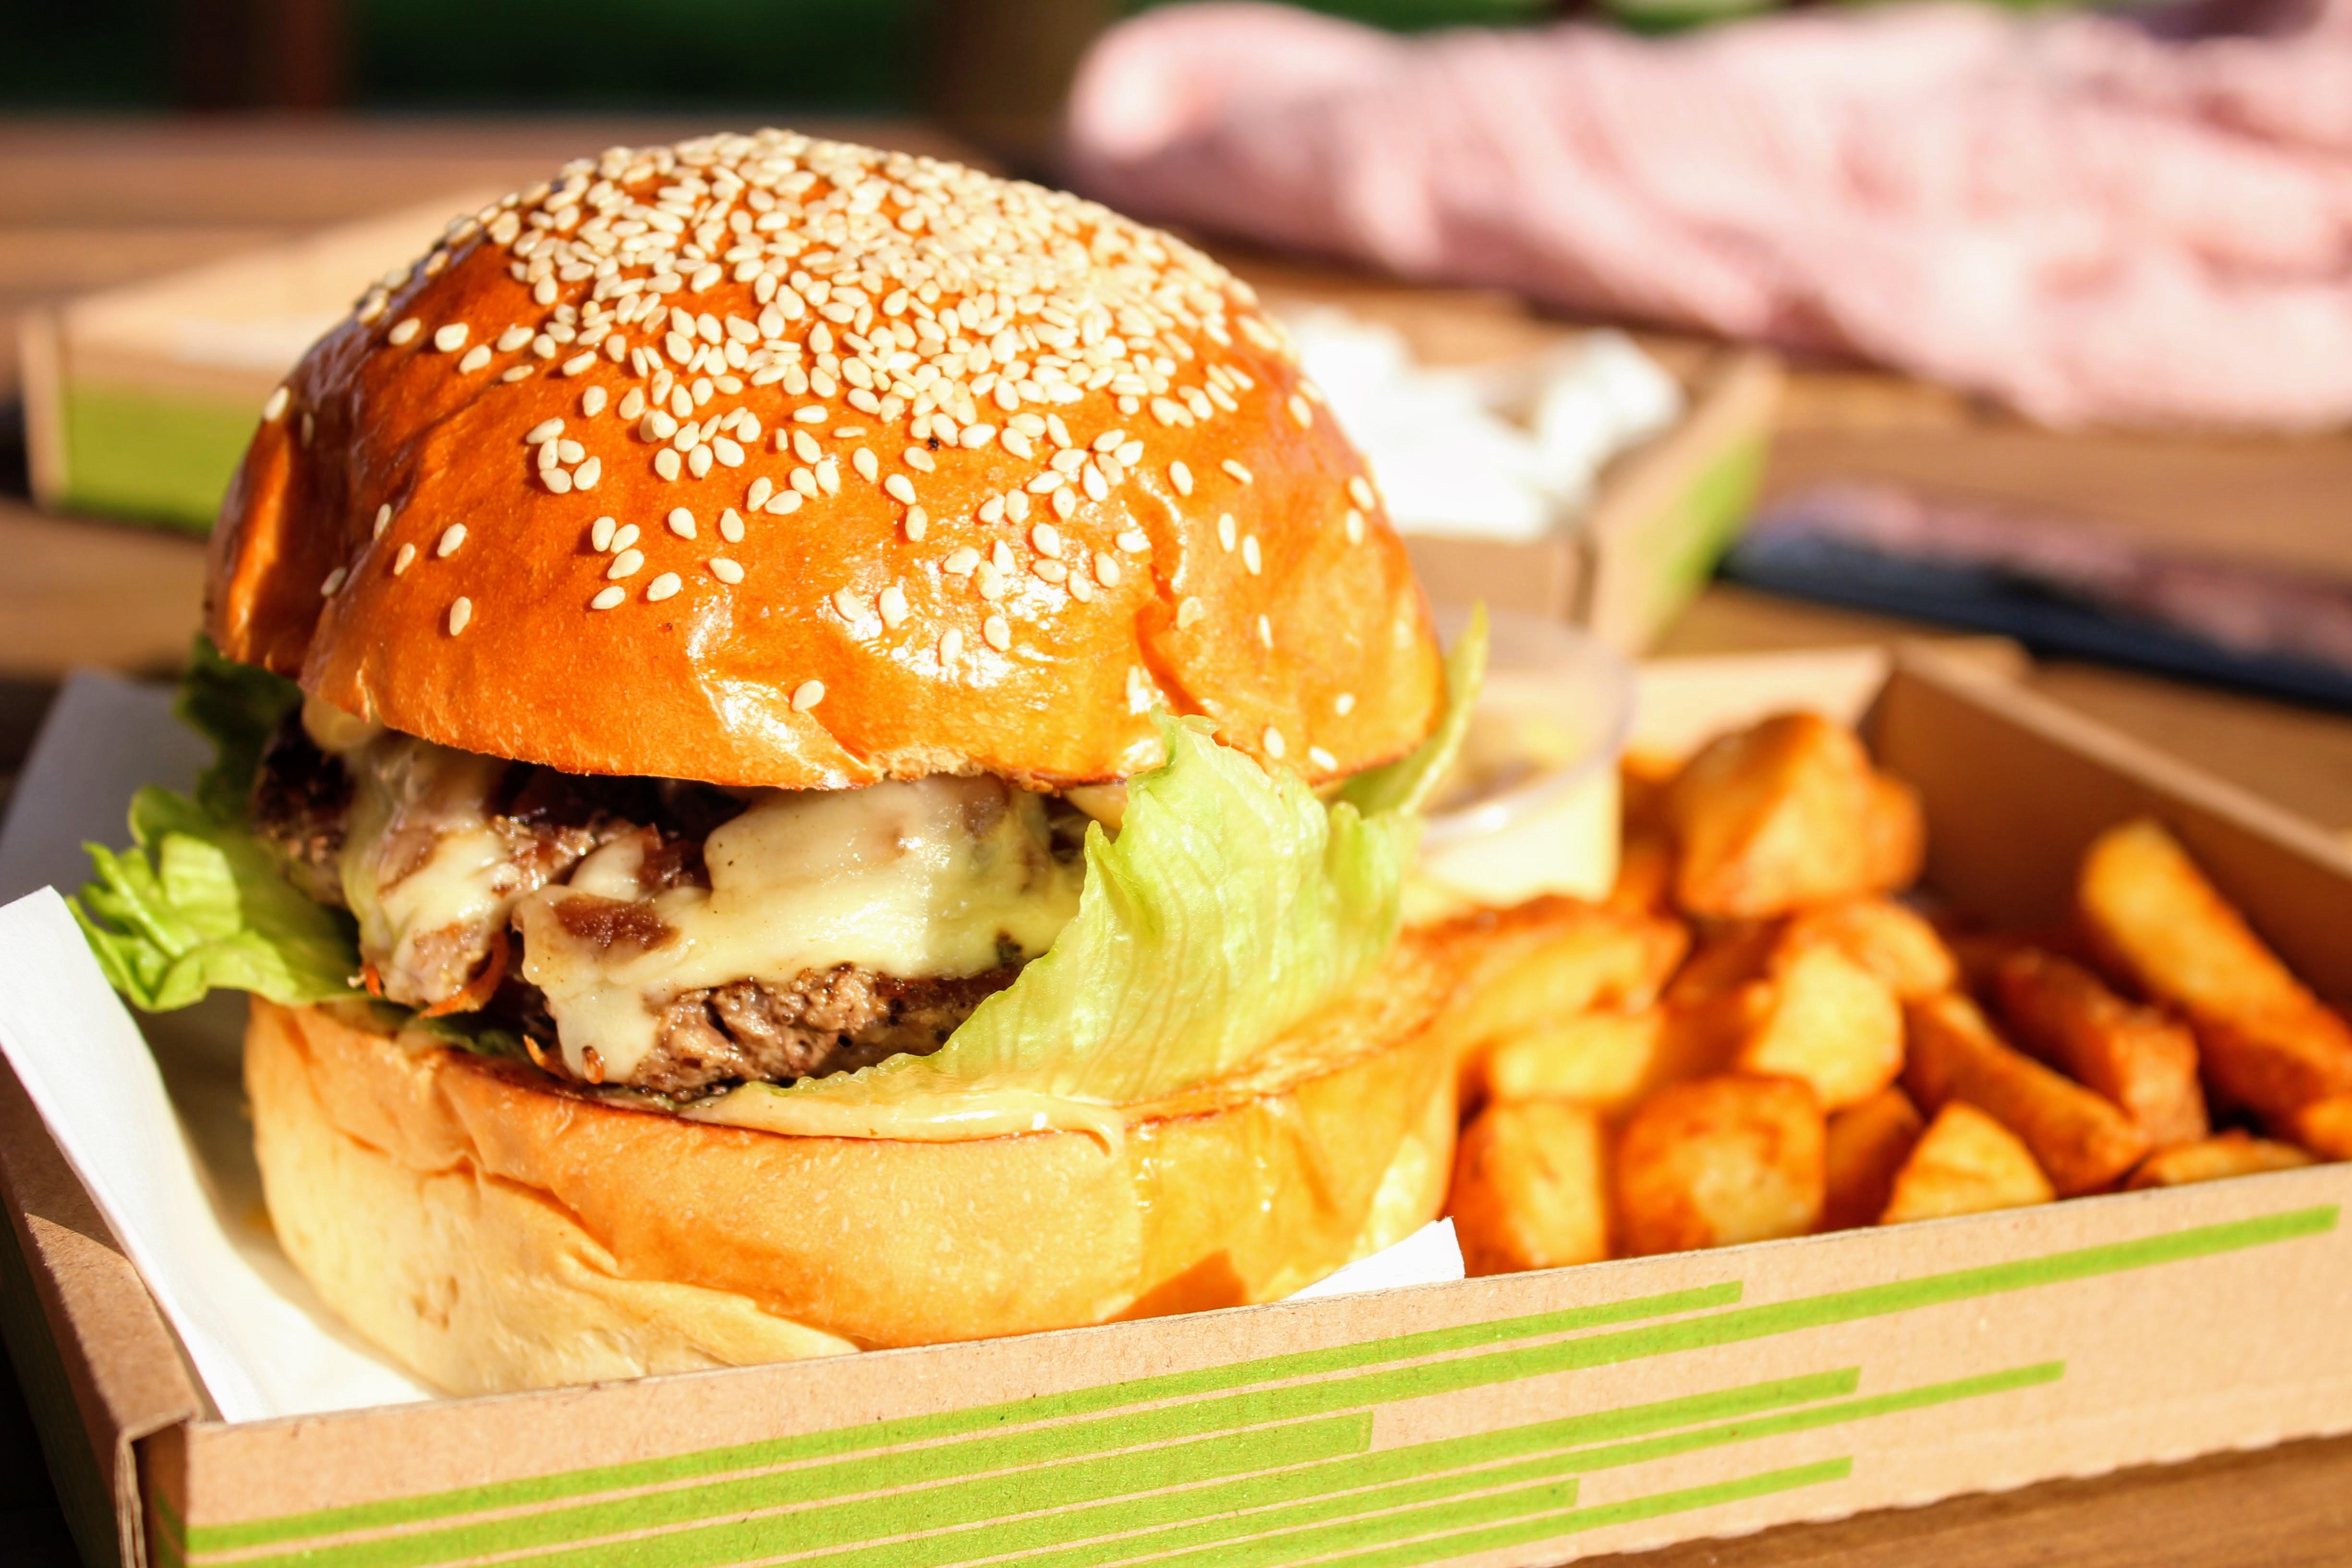 burger and potato fries